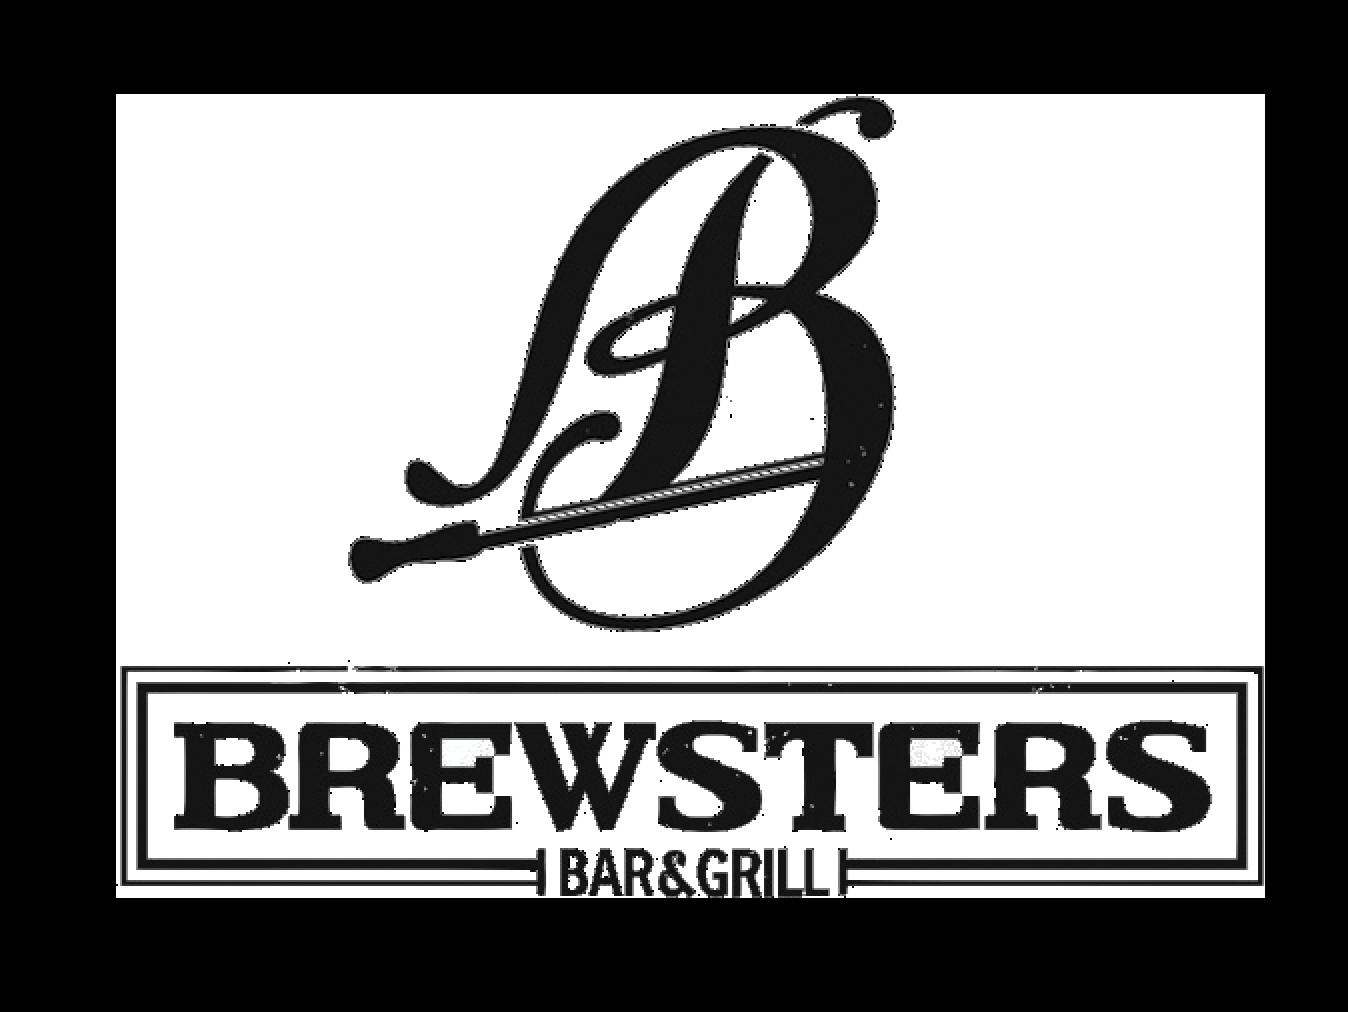 Brewsters Bar & Grill logo - 2021